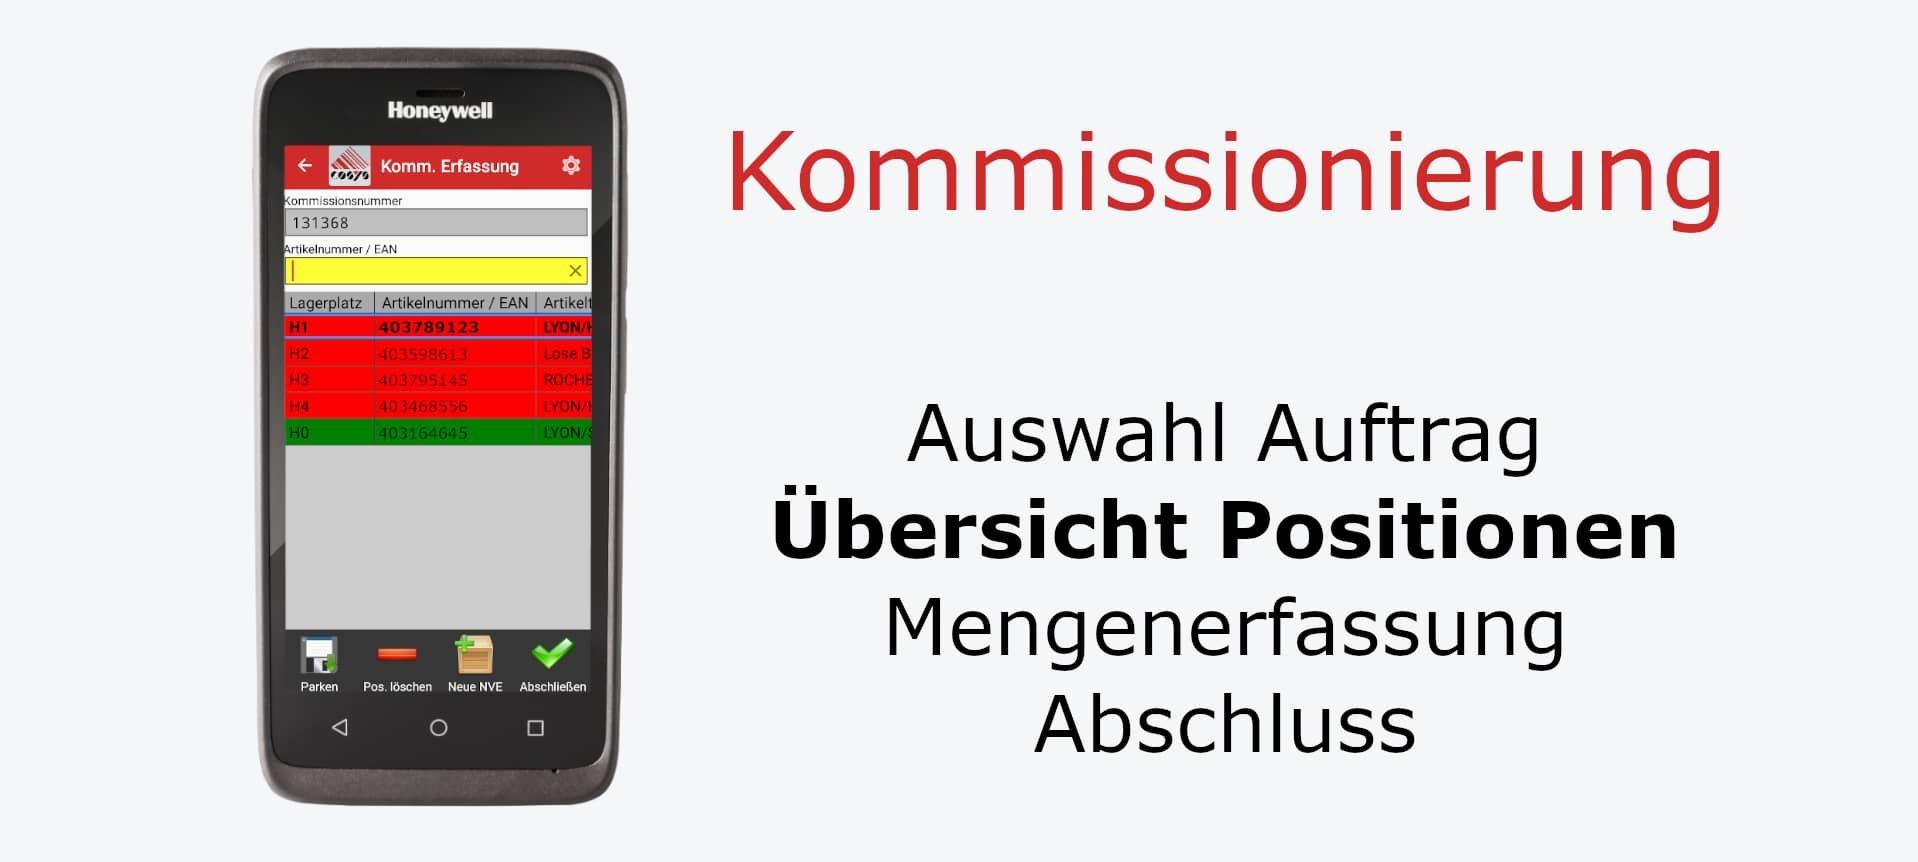 Kommissionierung – Übersicht Positionen